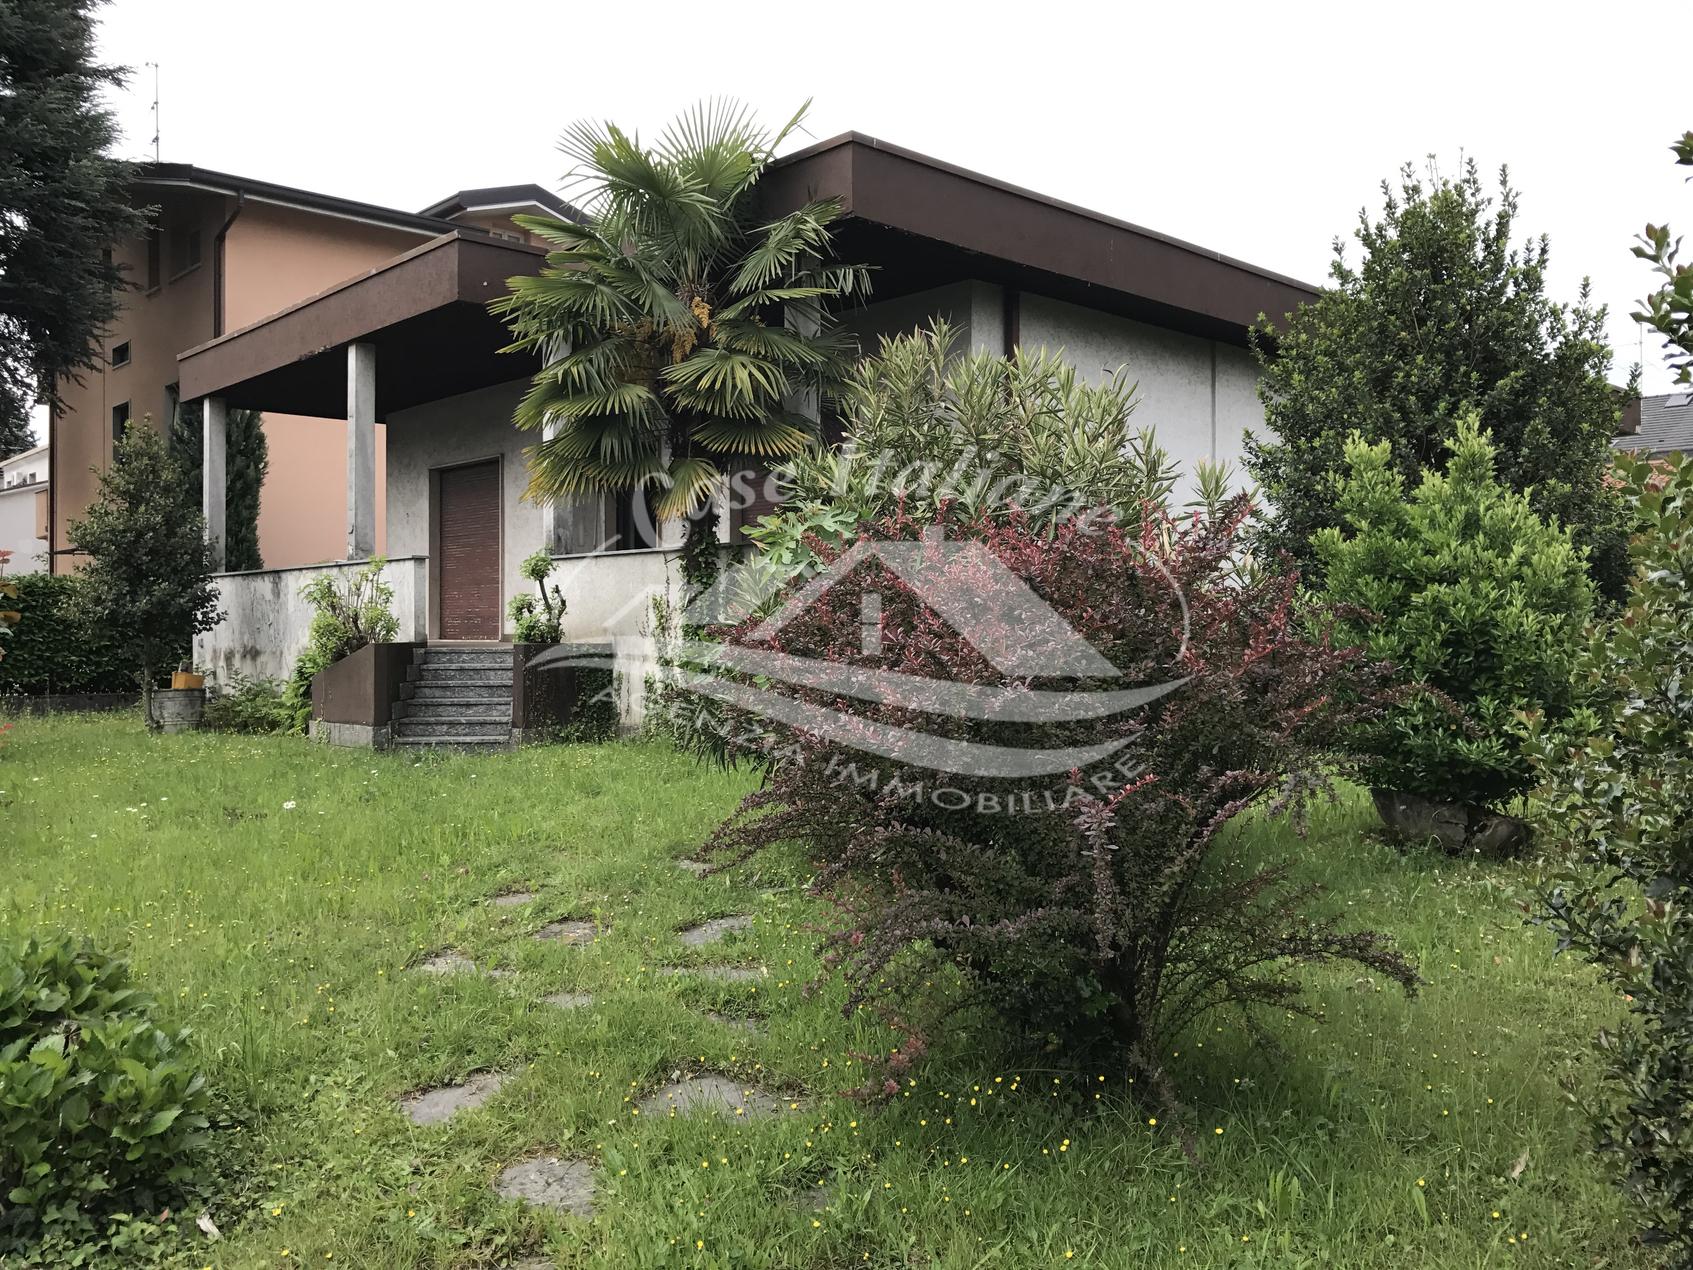 Img 5096 case italiane agenzia immobiliare cant for Case italiane immobiliare